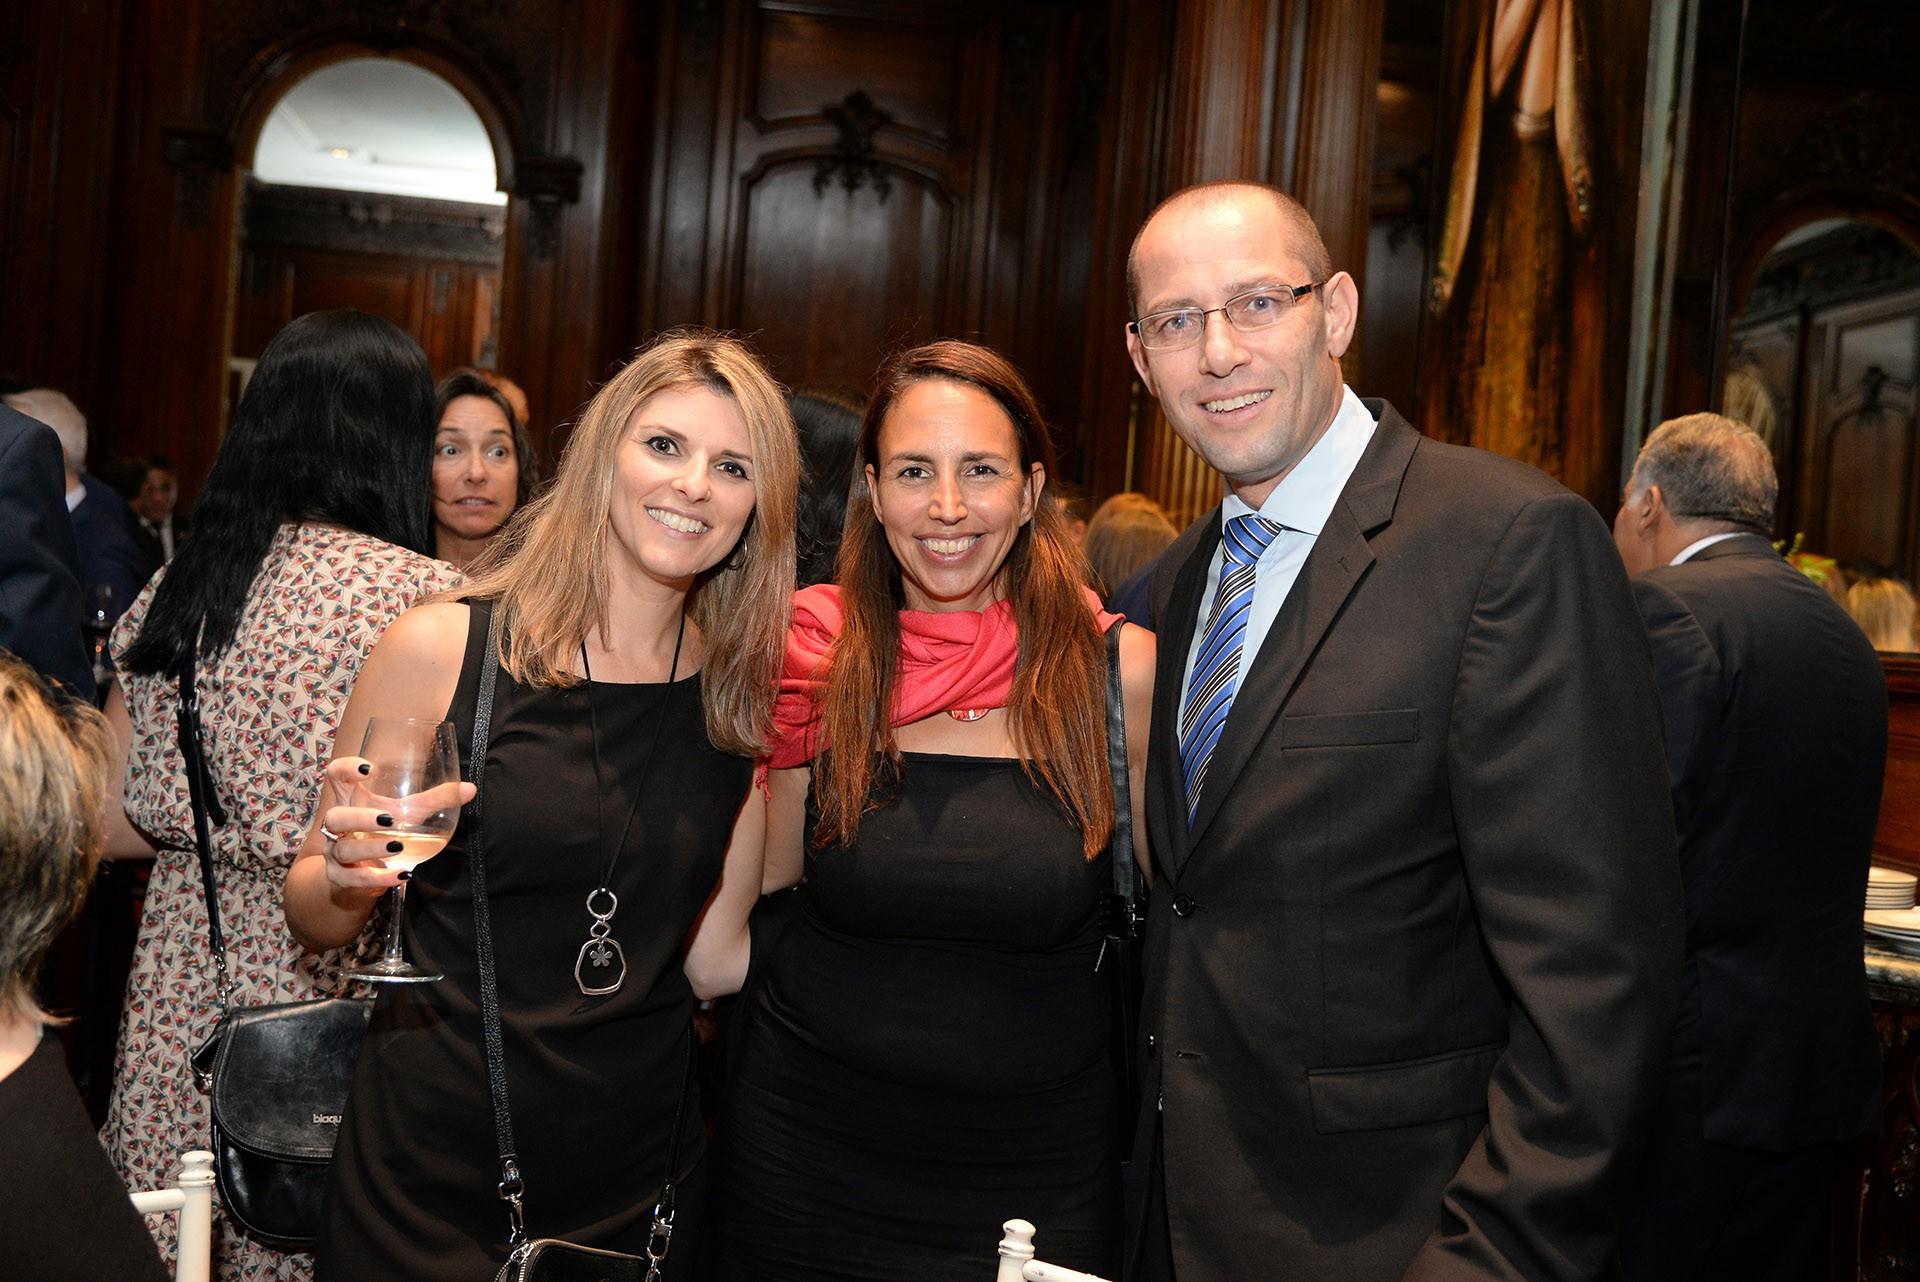 Yael Nahir, cónsul de Israel, junto a Einat y Ronen Krausz, ministro consejero de la embajada de Israel